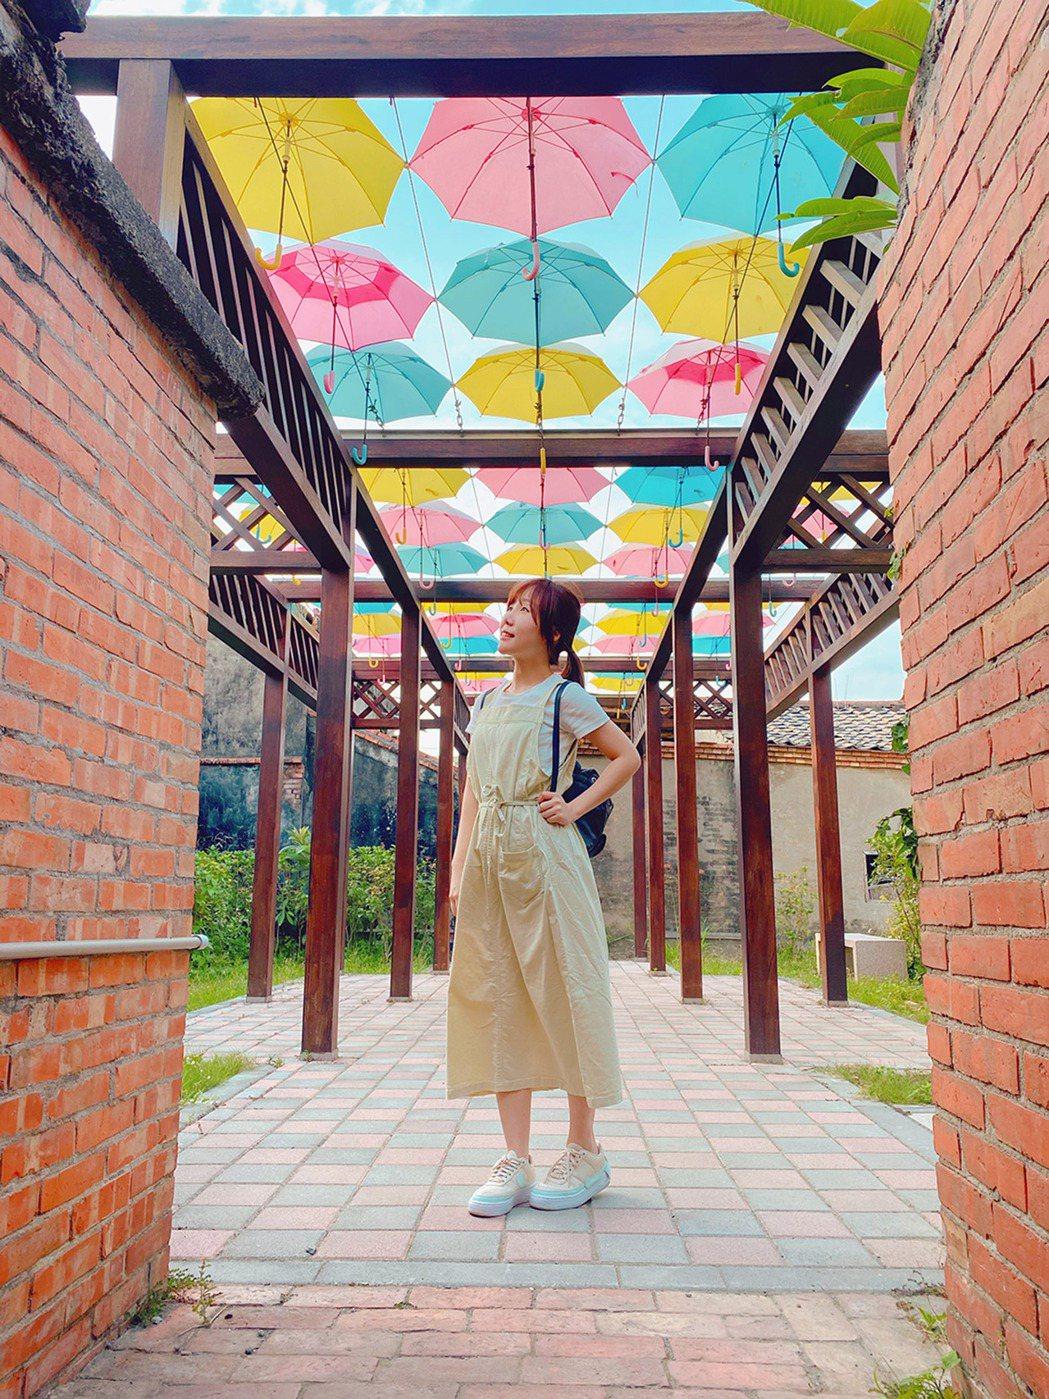 熱愛旅遊的魏妙如與台灣產生許多連結。圖/如此音樂提供